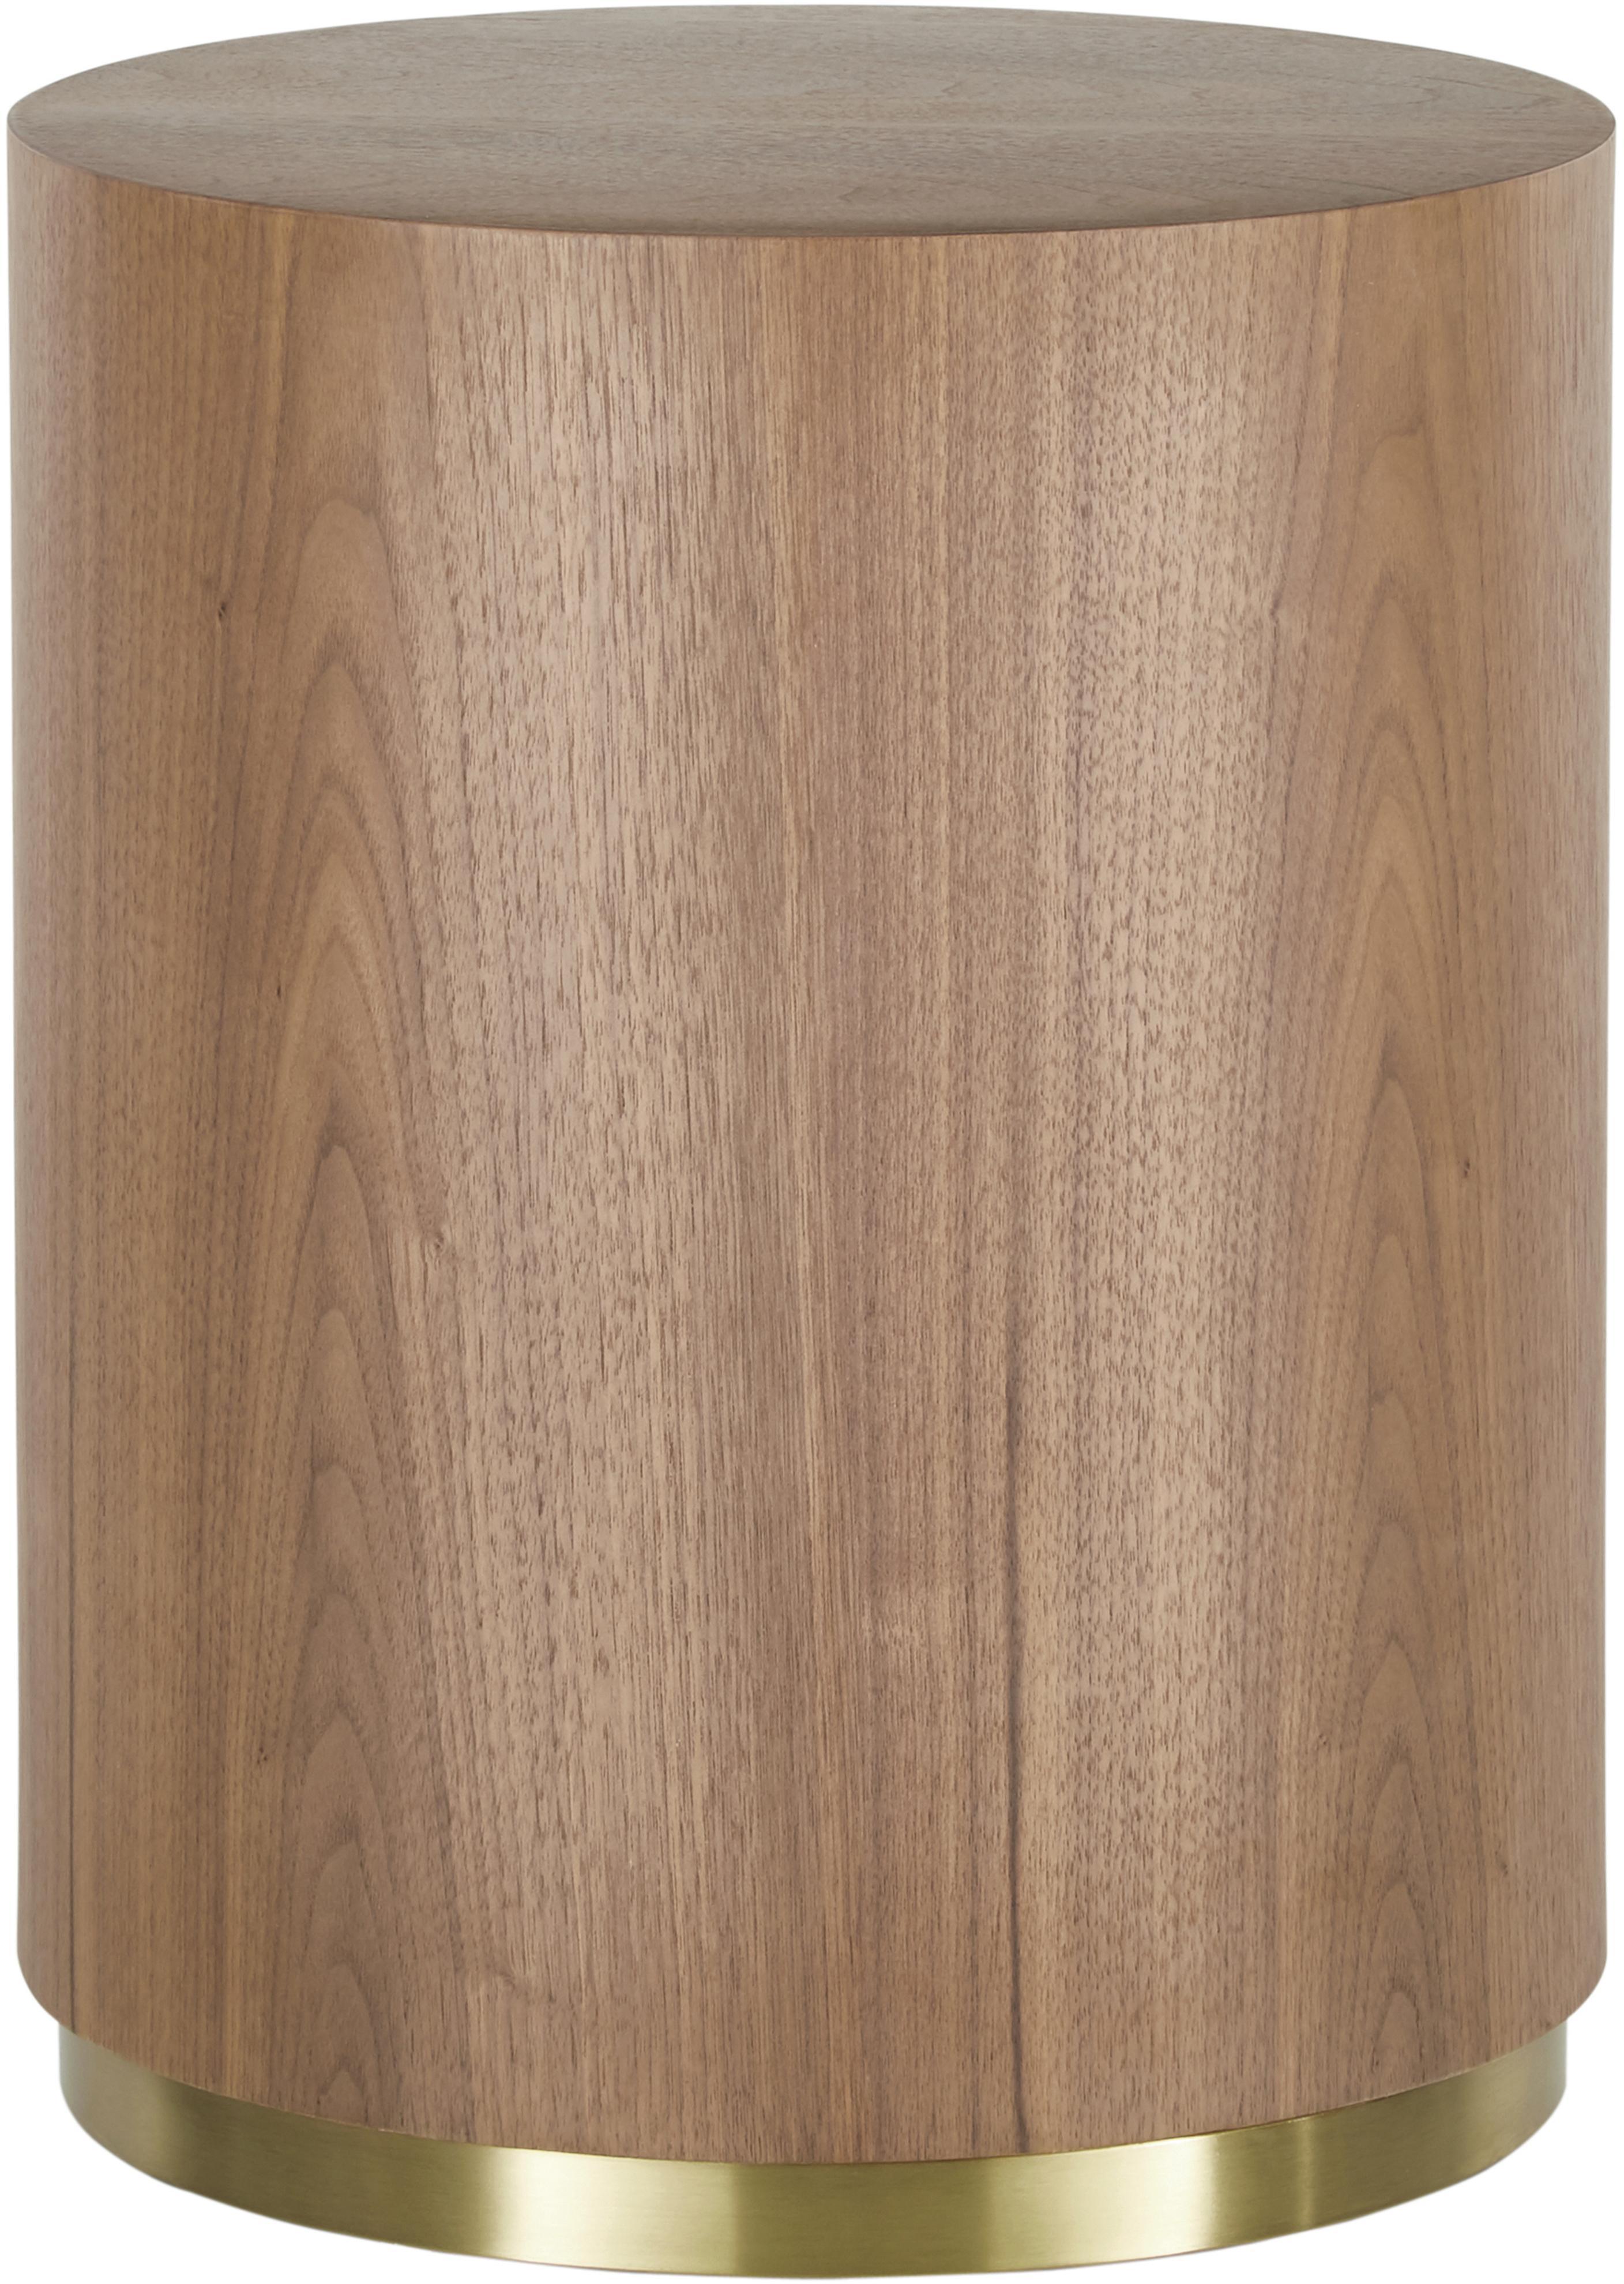 Mesa auxiliar Clarice en nogal, Estructura: tablero de fibras de dens, Estructura: nogal Base: dorado, brillante cepillado, Ø 40 x Al 50 cm